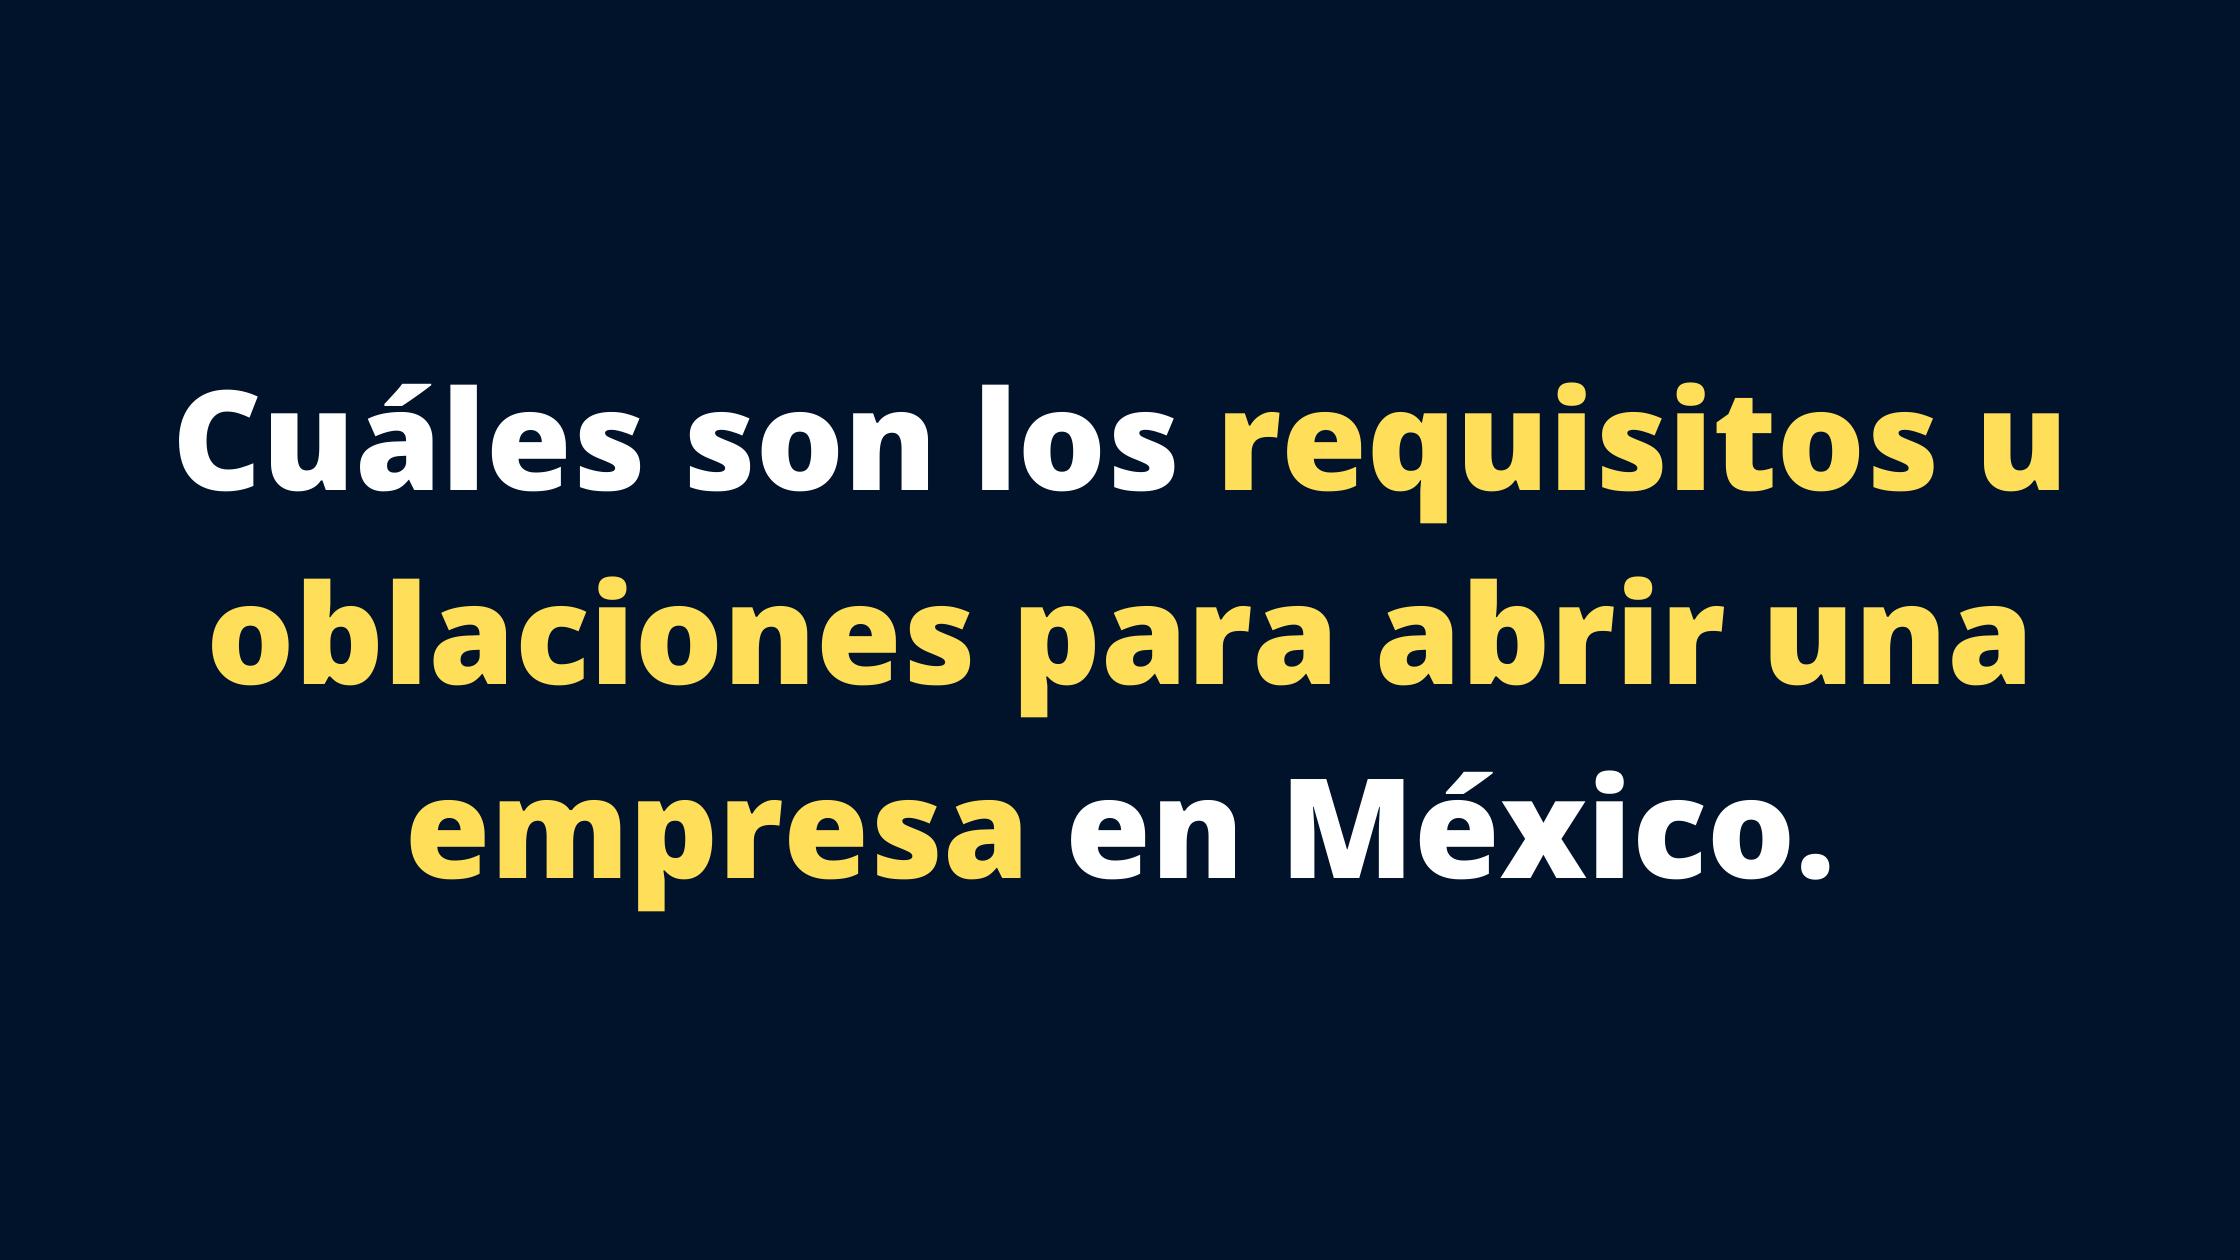 Cuáles son los requisitos u obligaciones para abrir una empresa en México